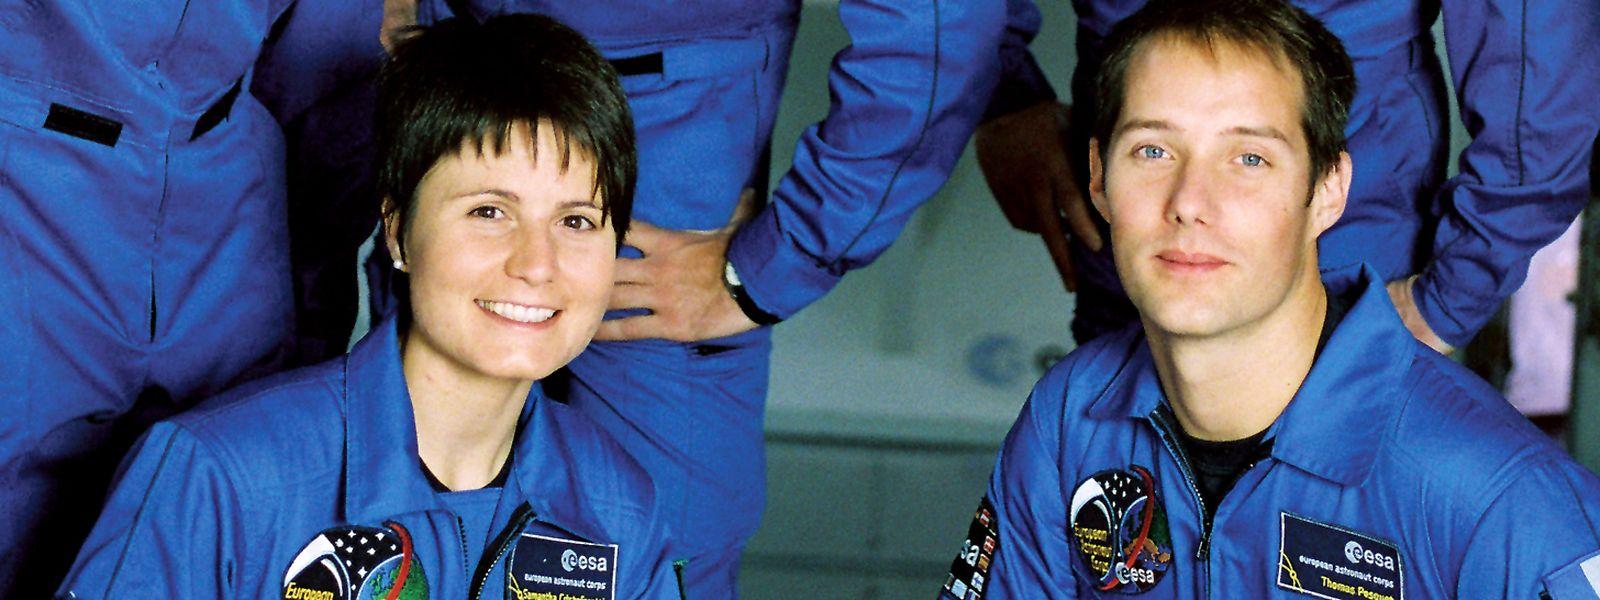 ESA-Astronautin Samantha Cristoforetti (v. l.) – Aufnahme aus dem Jahr 2009 – zwischen den Männern der Ausbildungsklasse.